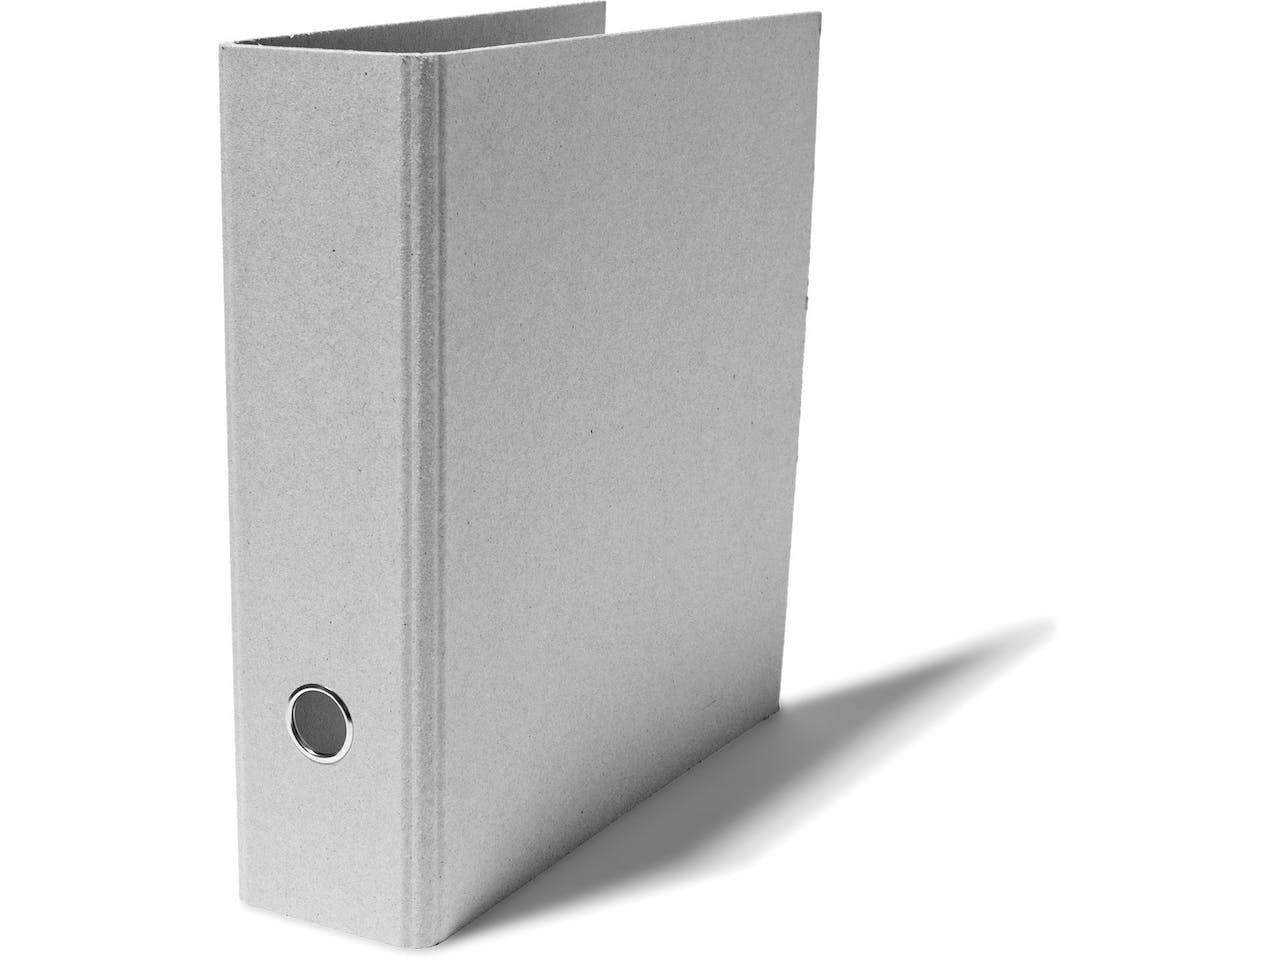 Modulor Ordner, Graukarton, für DIN A4, Rückenbreite 80 mm